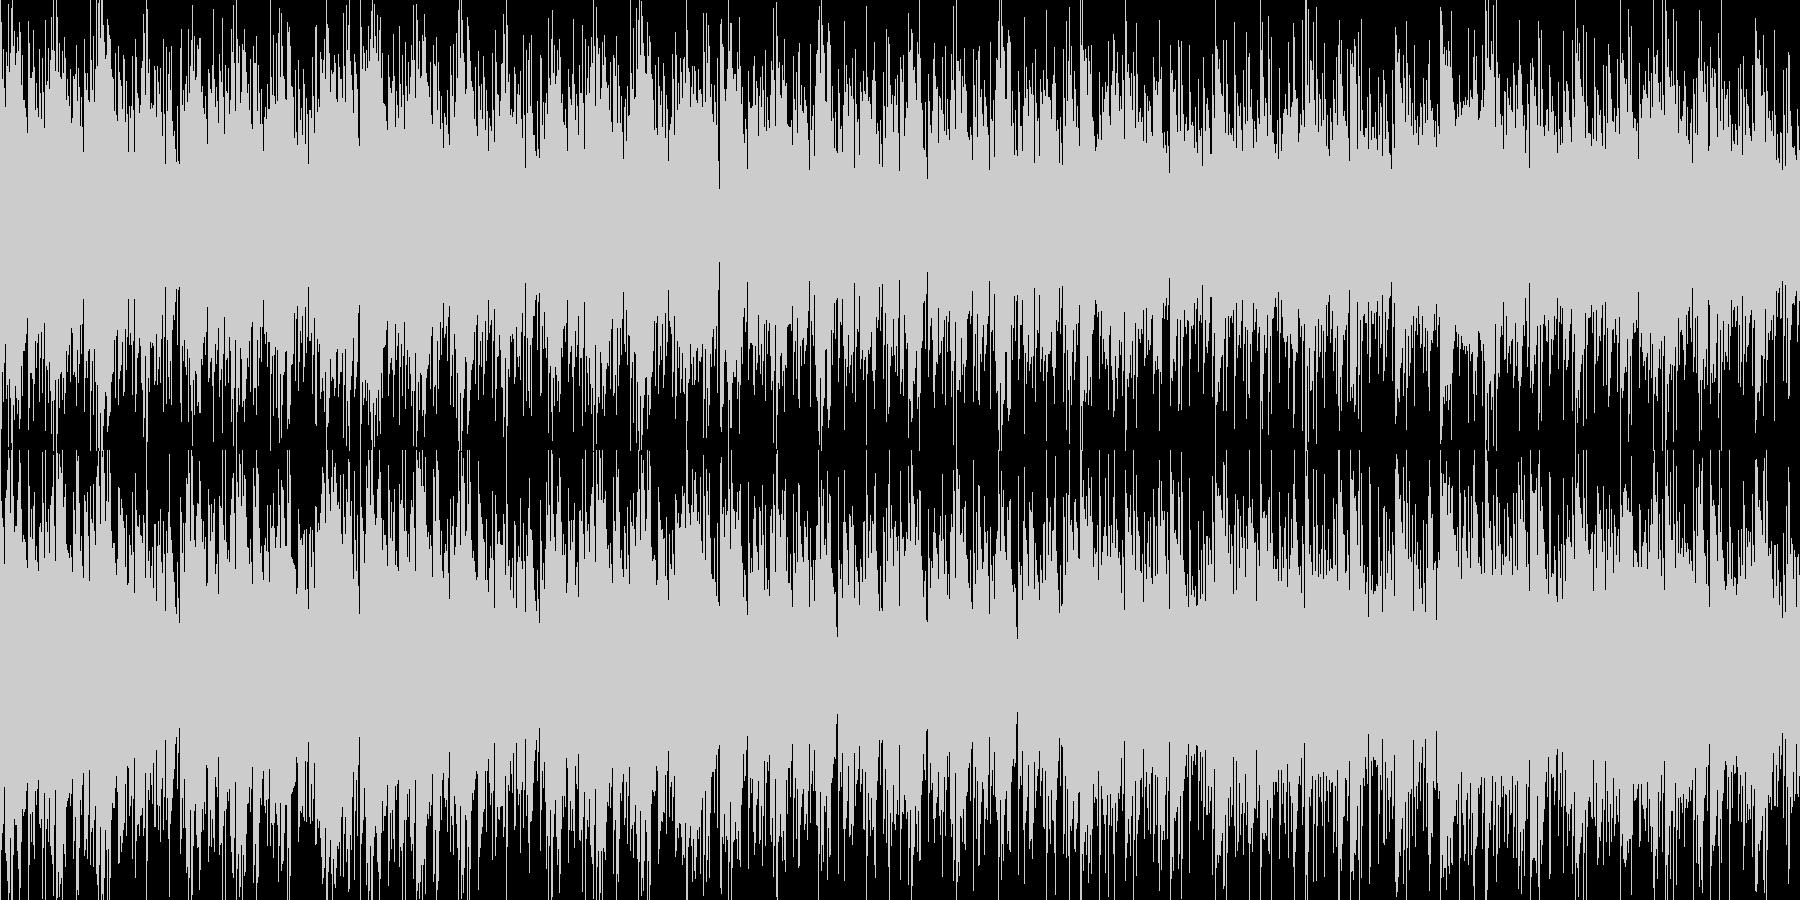 ハープとピアノの旋律が印象的なBGMの未再生の波形